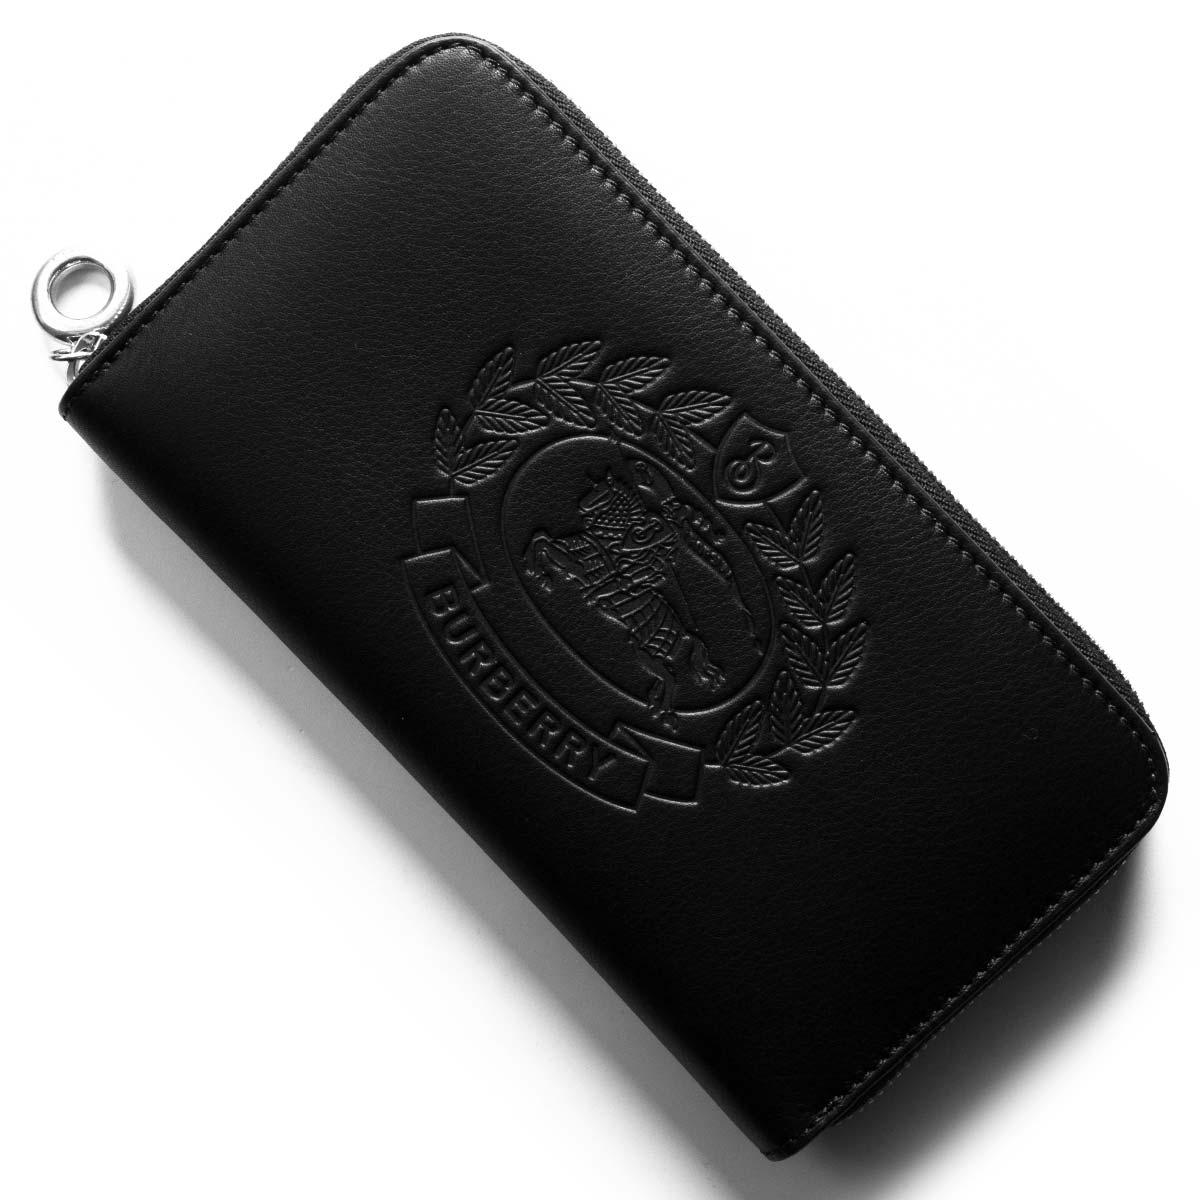 バーバリー 長財布 財布 レディース クレスト ブラック 4077985 00100 BURBERRY